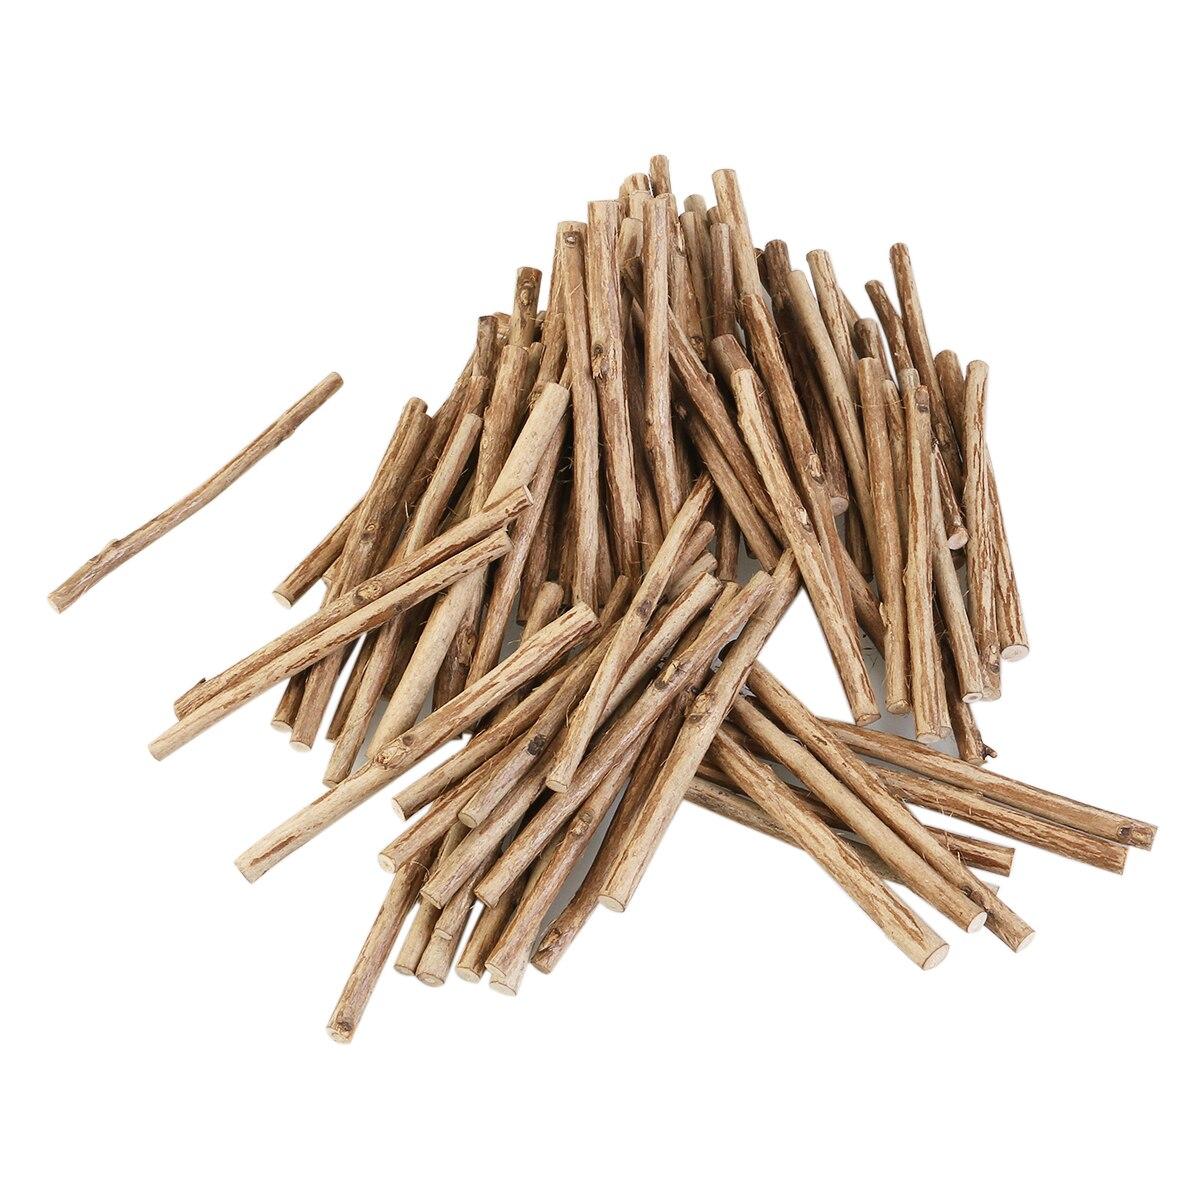 100pcs 10cm Long 05 08cm In Diameter Wood Log Sticks Wood Natural